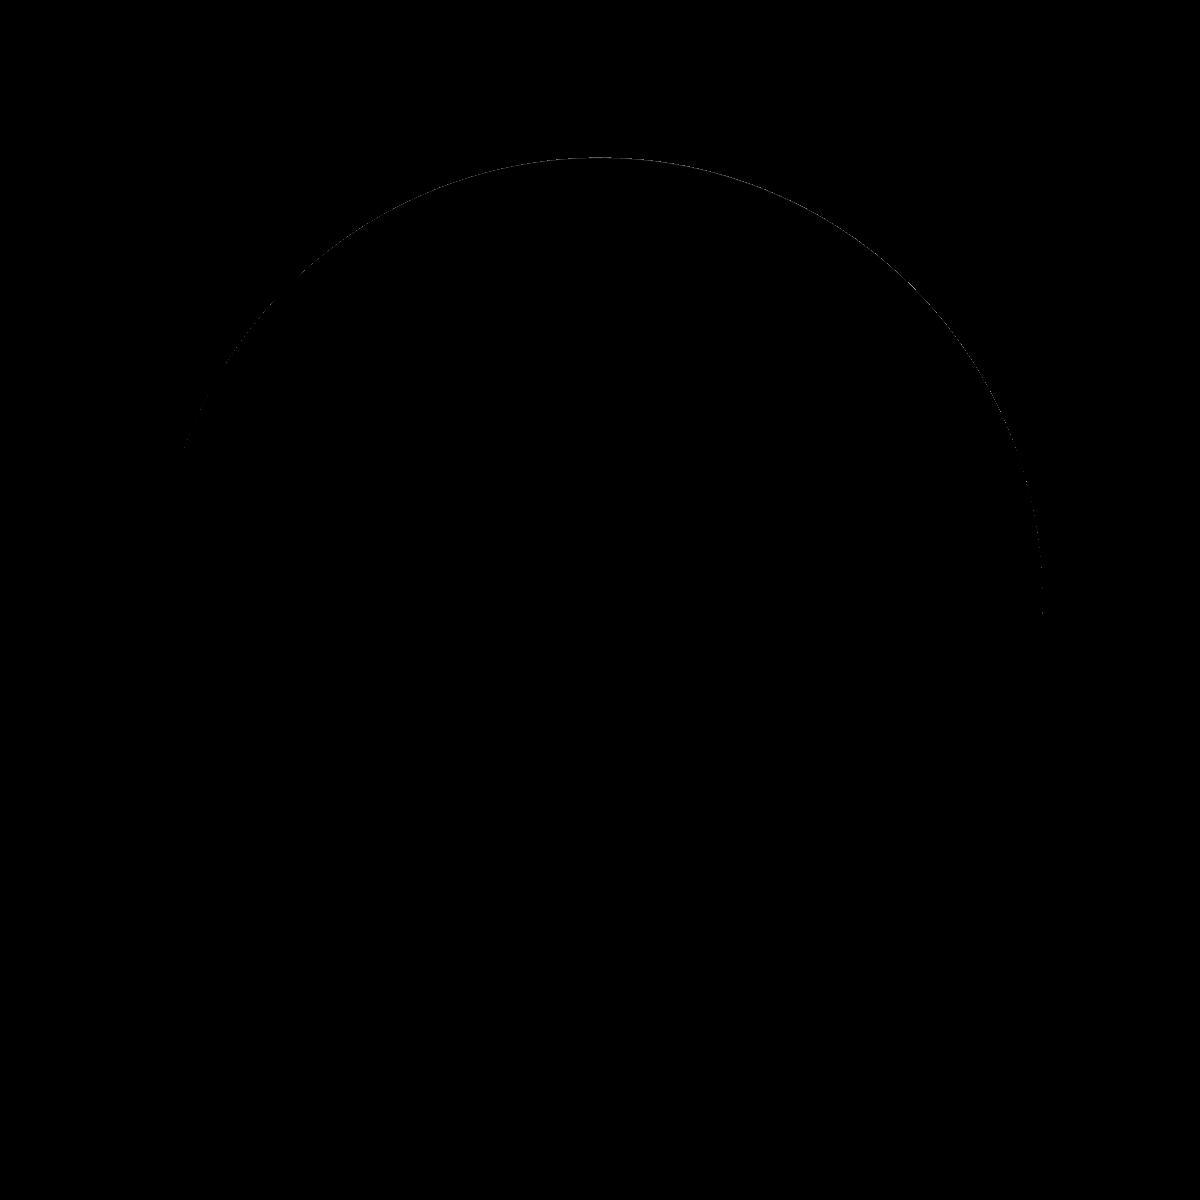 Lune du 23avril 2020